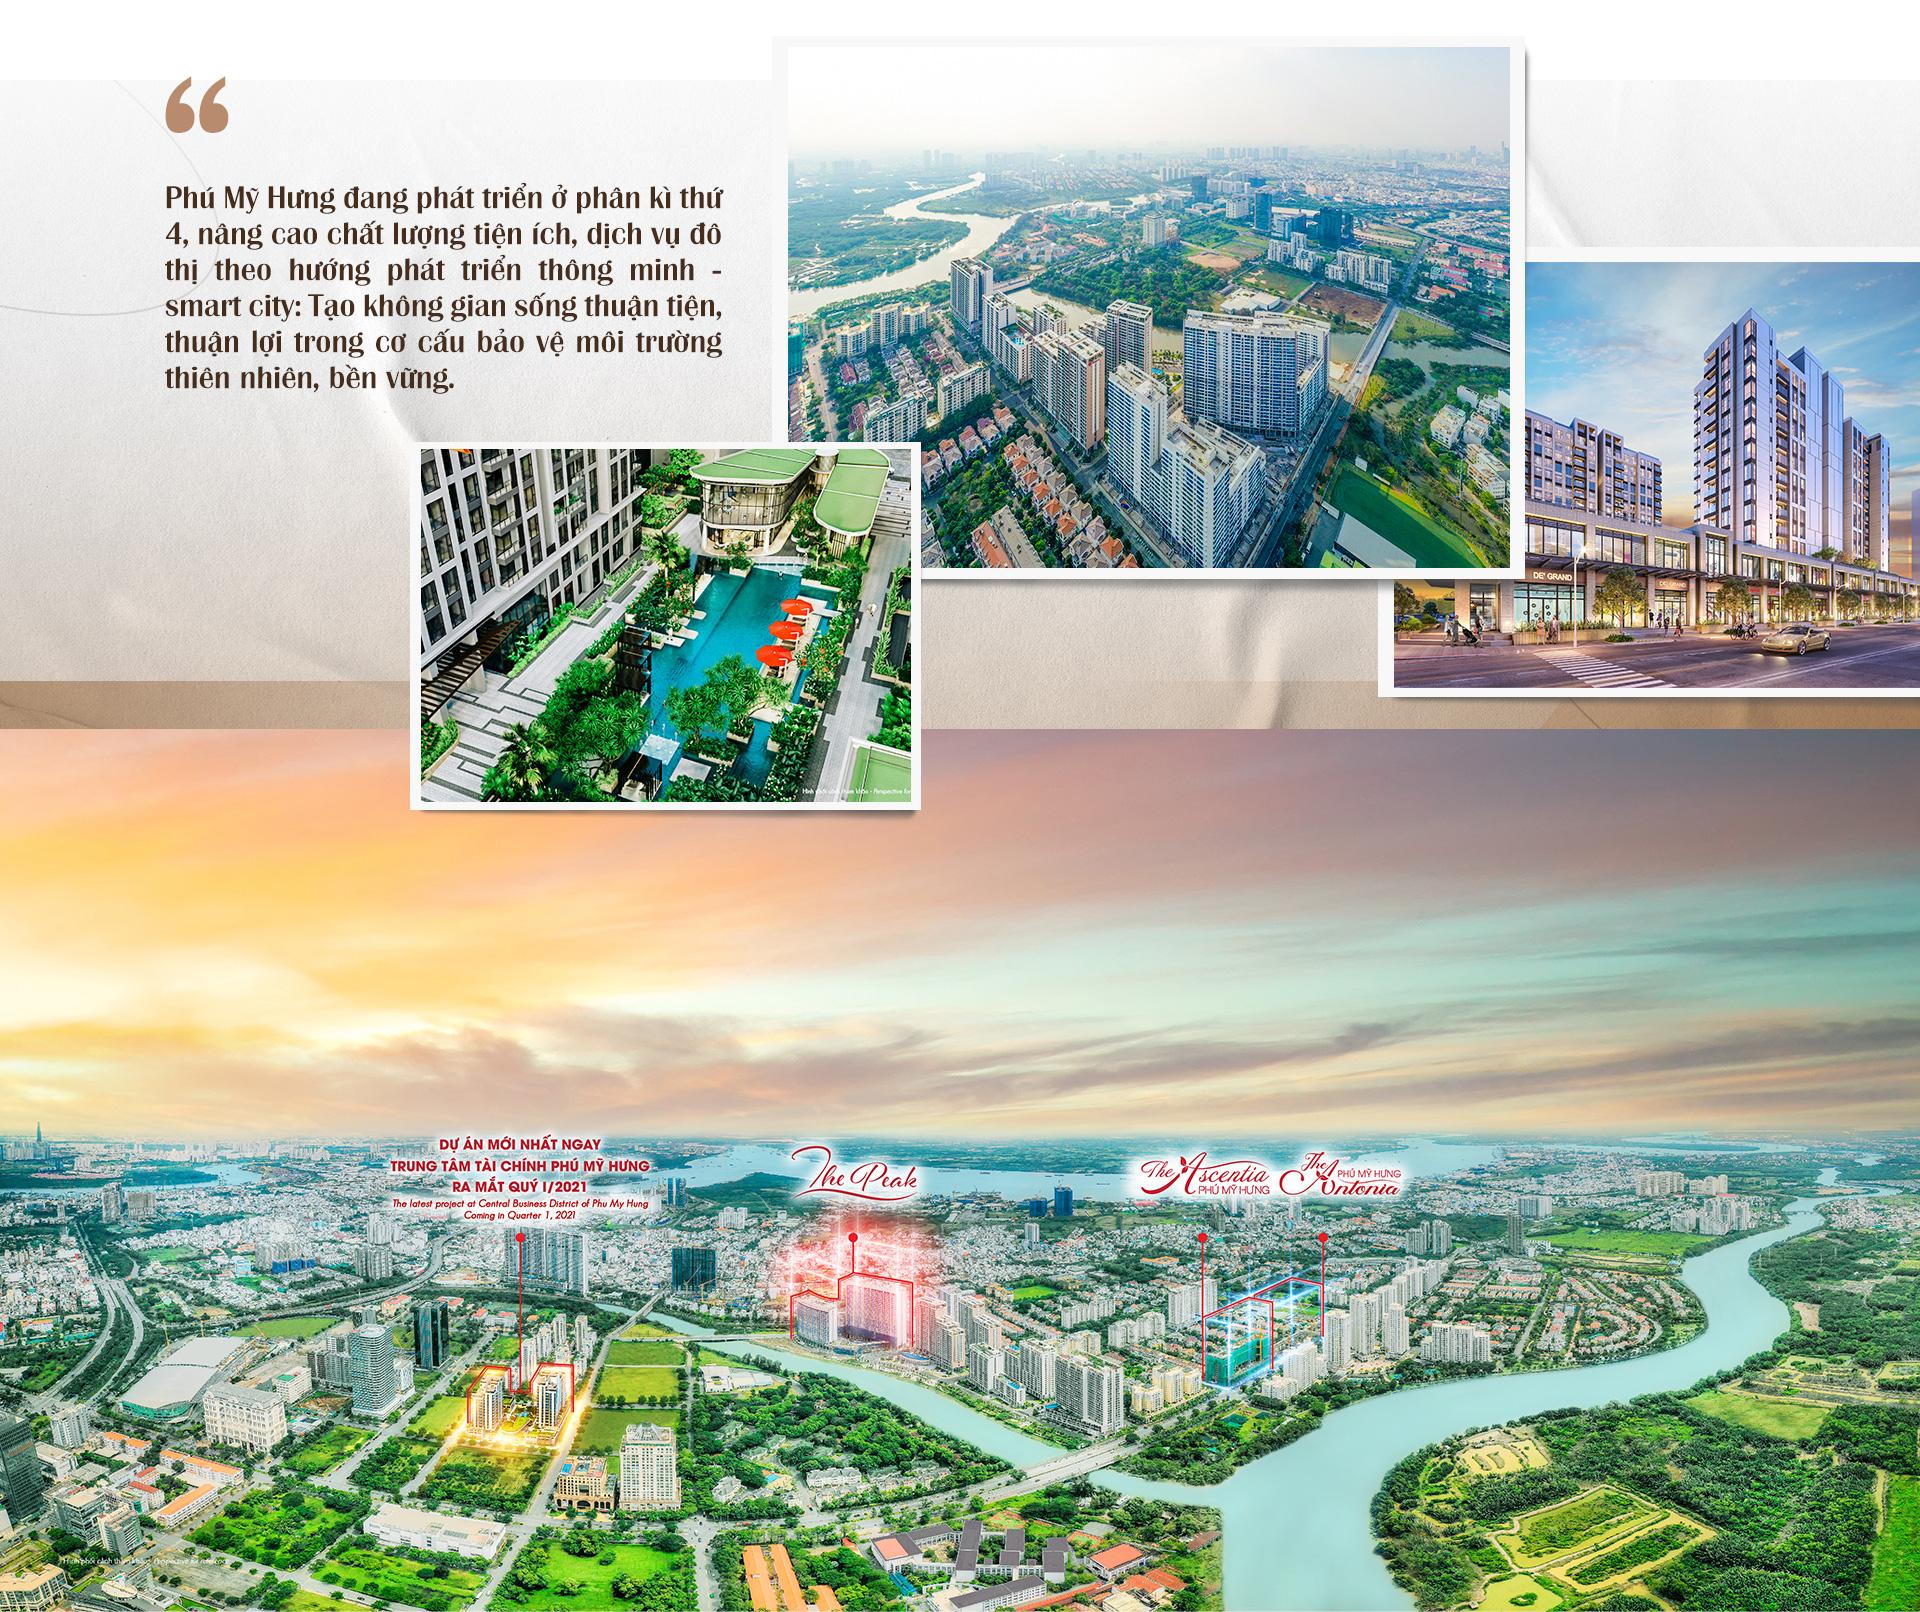 Bất động sản TPHCM: Sôi động nhiều nơi, nhưng Phú Mỹ Hưng mới có nhiều cơ hội - Ảnh 9.